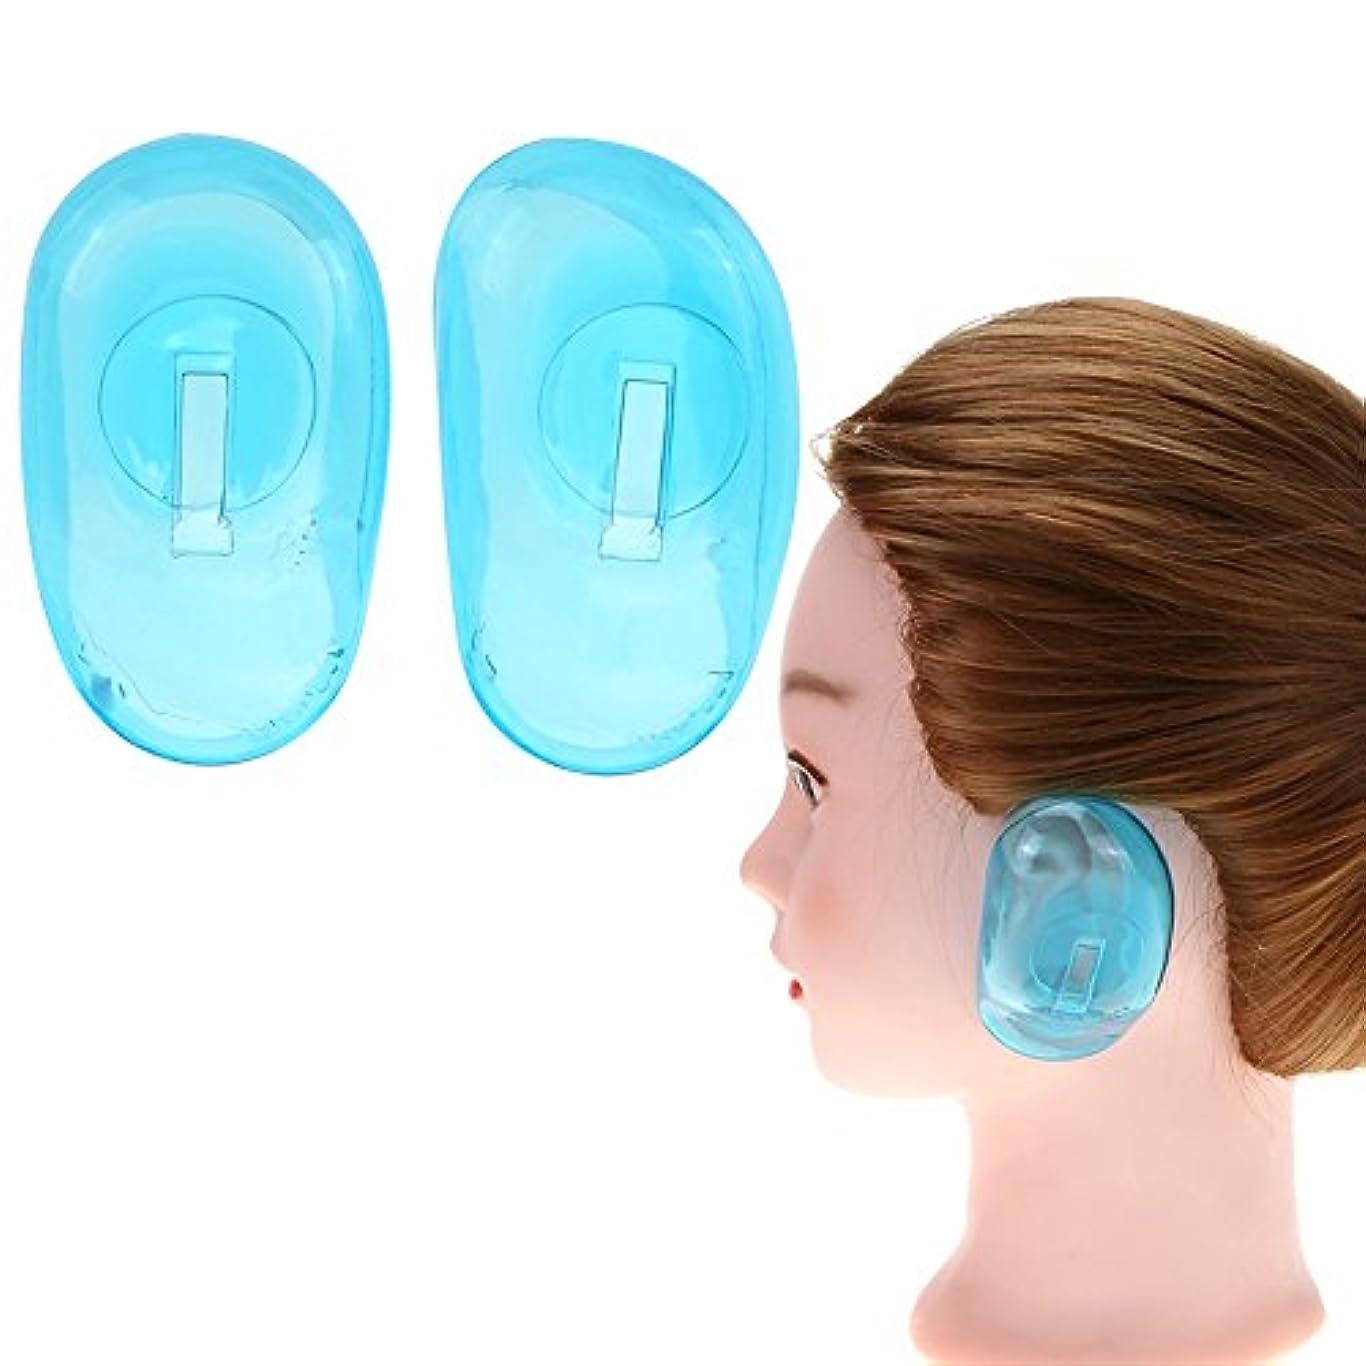 レースただ受信機Ruier-tong 1ペア耳カバー 毛染め用 シリコン製 耳キャップ 柔らかいイヤーキャップ ヘアカラー シャワー 耳保護 ヘアケアツール サロン 洗える 繰り返す使用可能 エコ 8.5x5cm